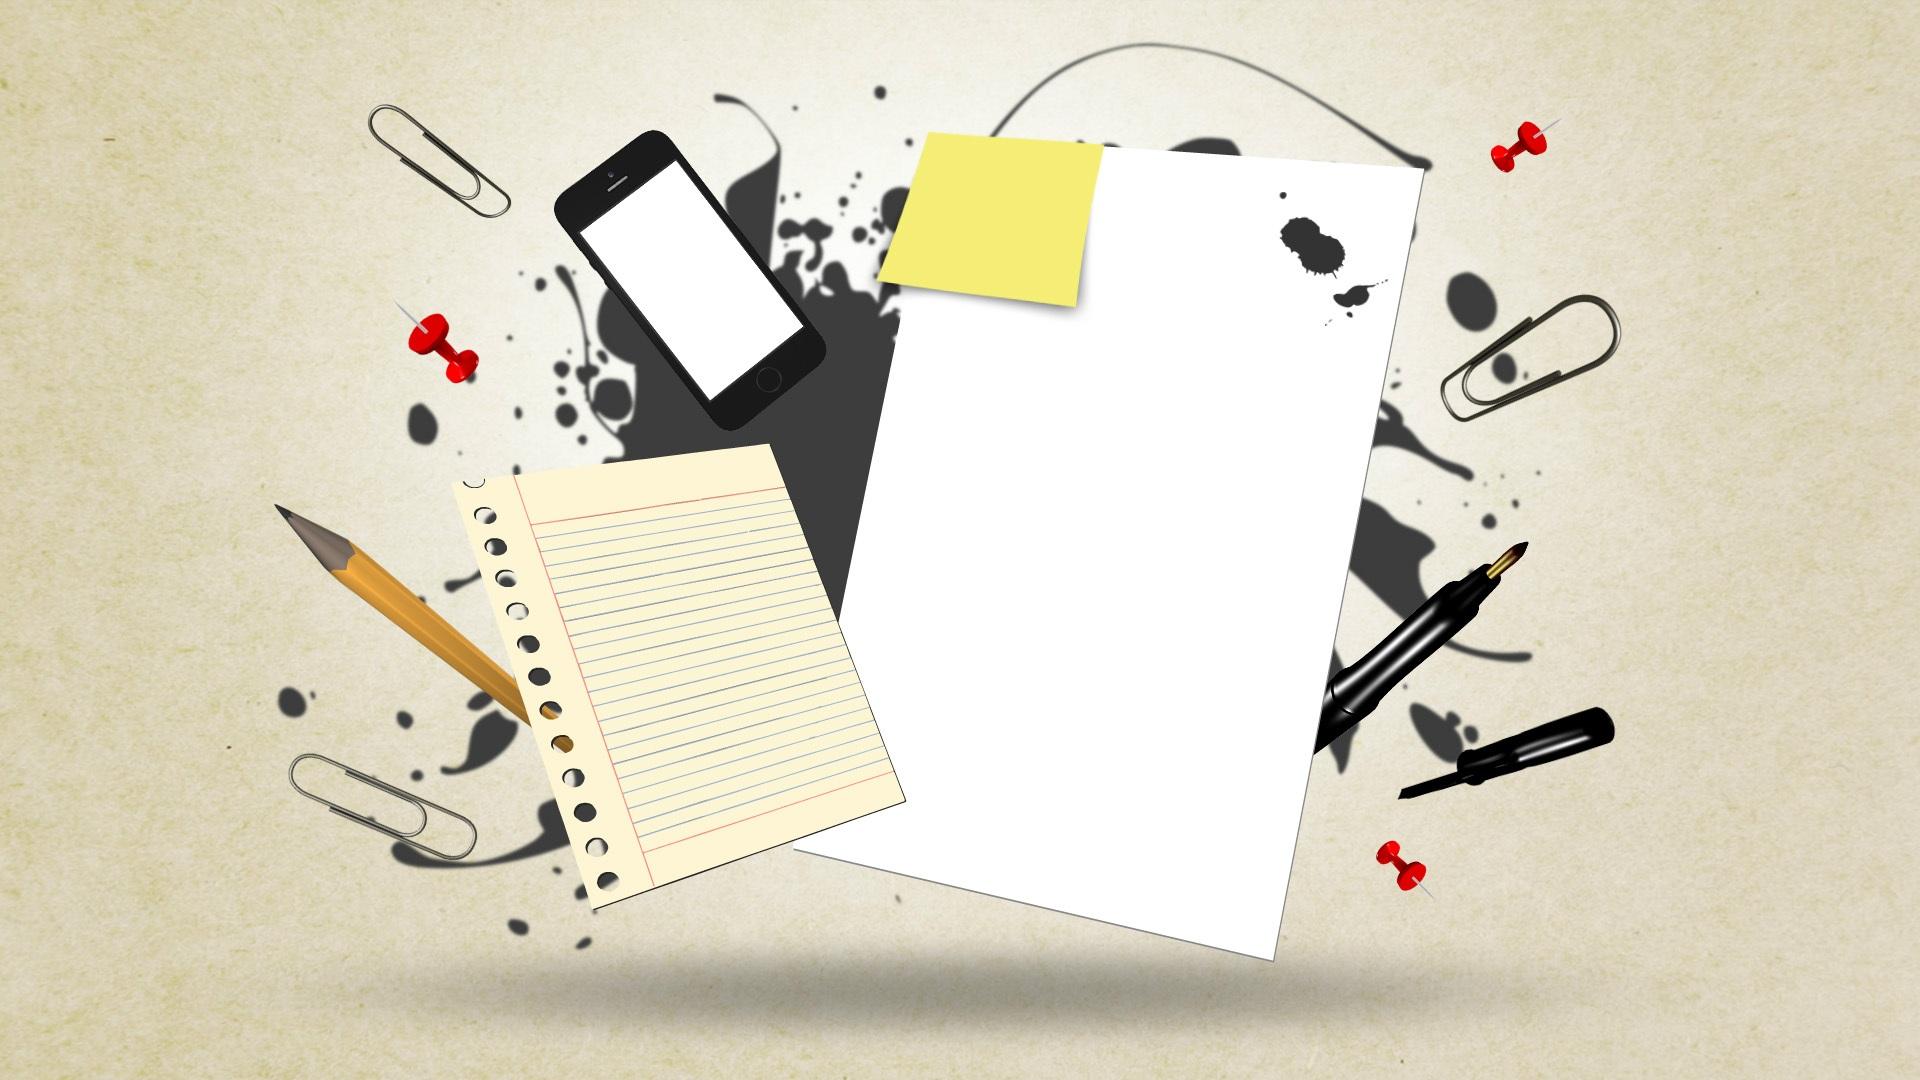 【完全保存版】より速く質の高い記事を書くため4つの下準備